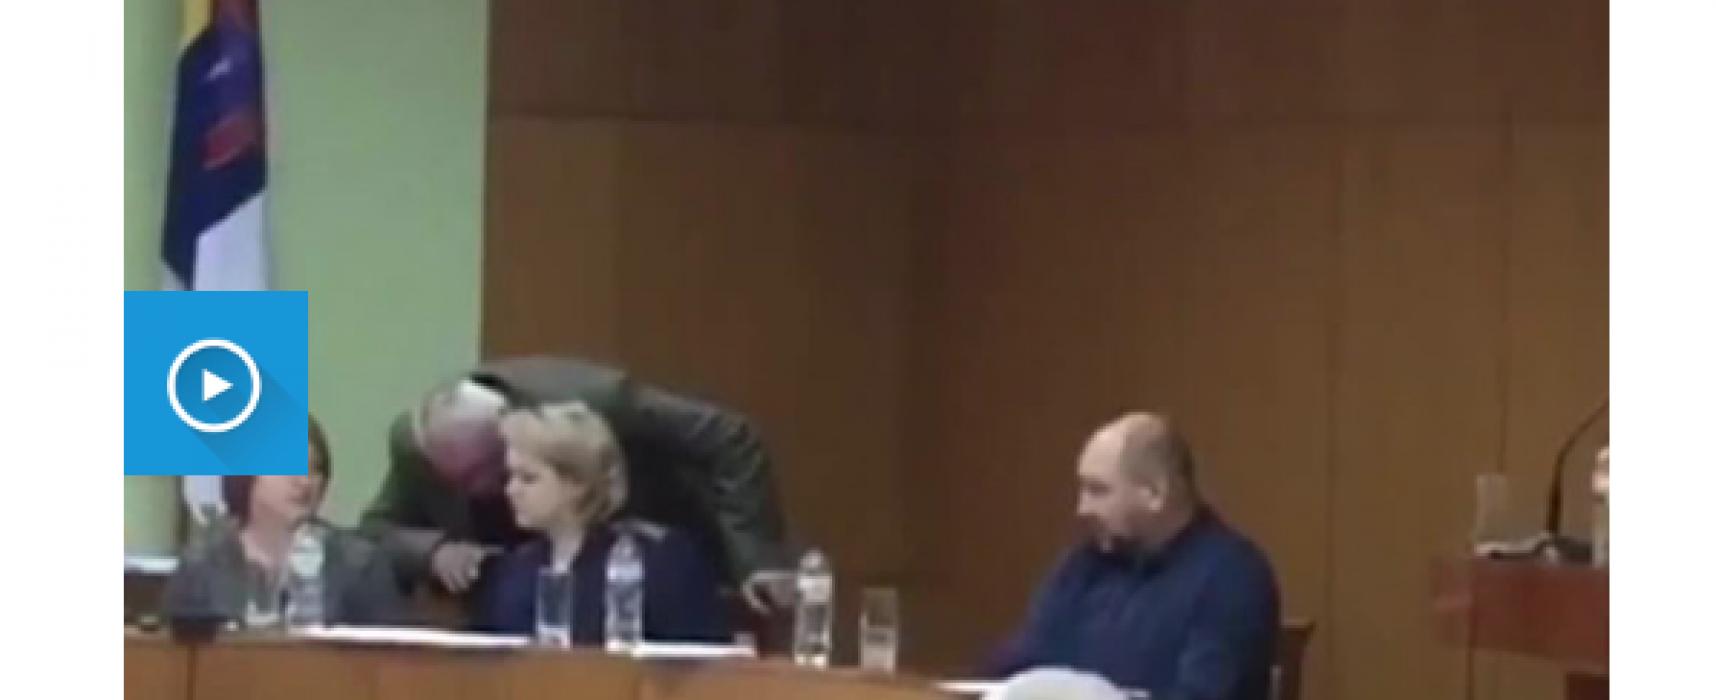 Фейк: Одеският областен съвет иска импийчмънт на Петро Порошенко